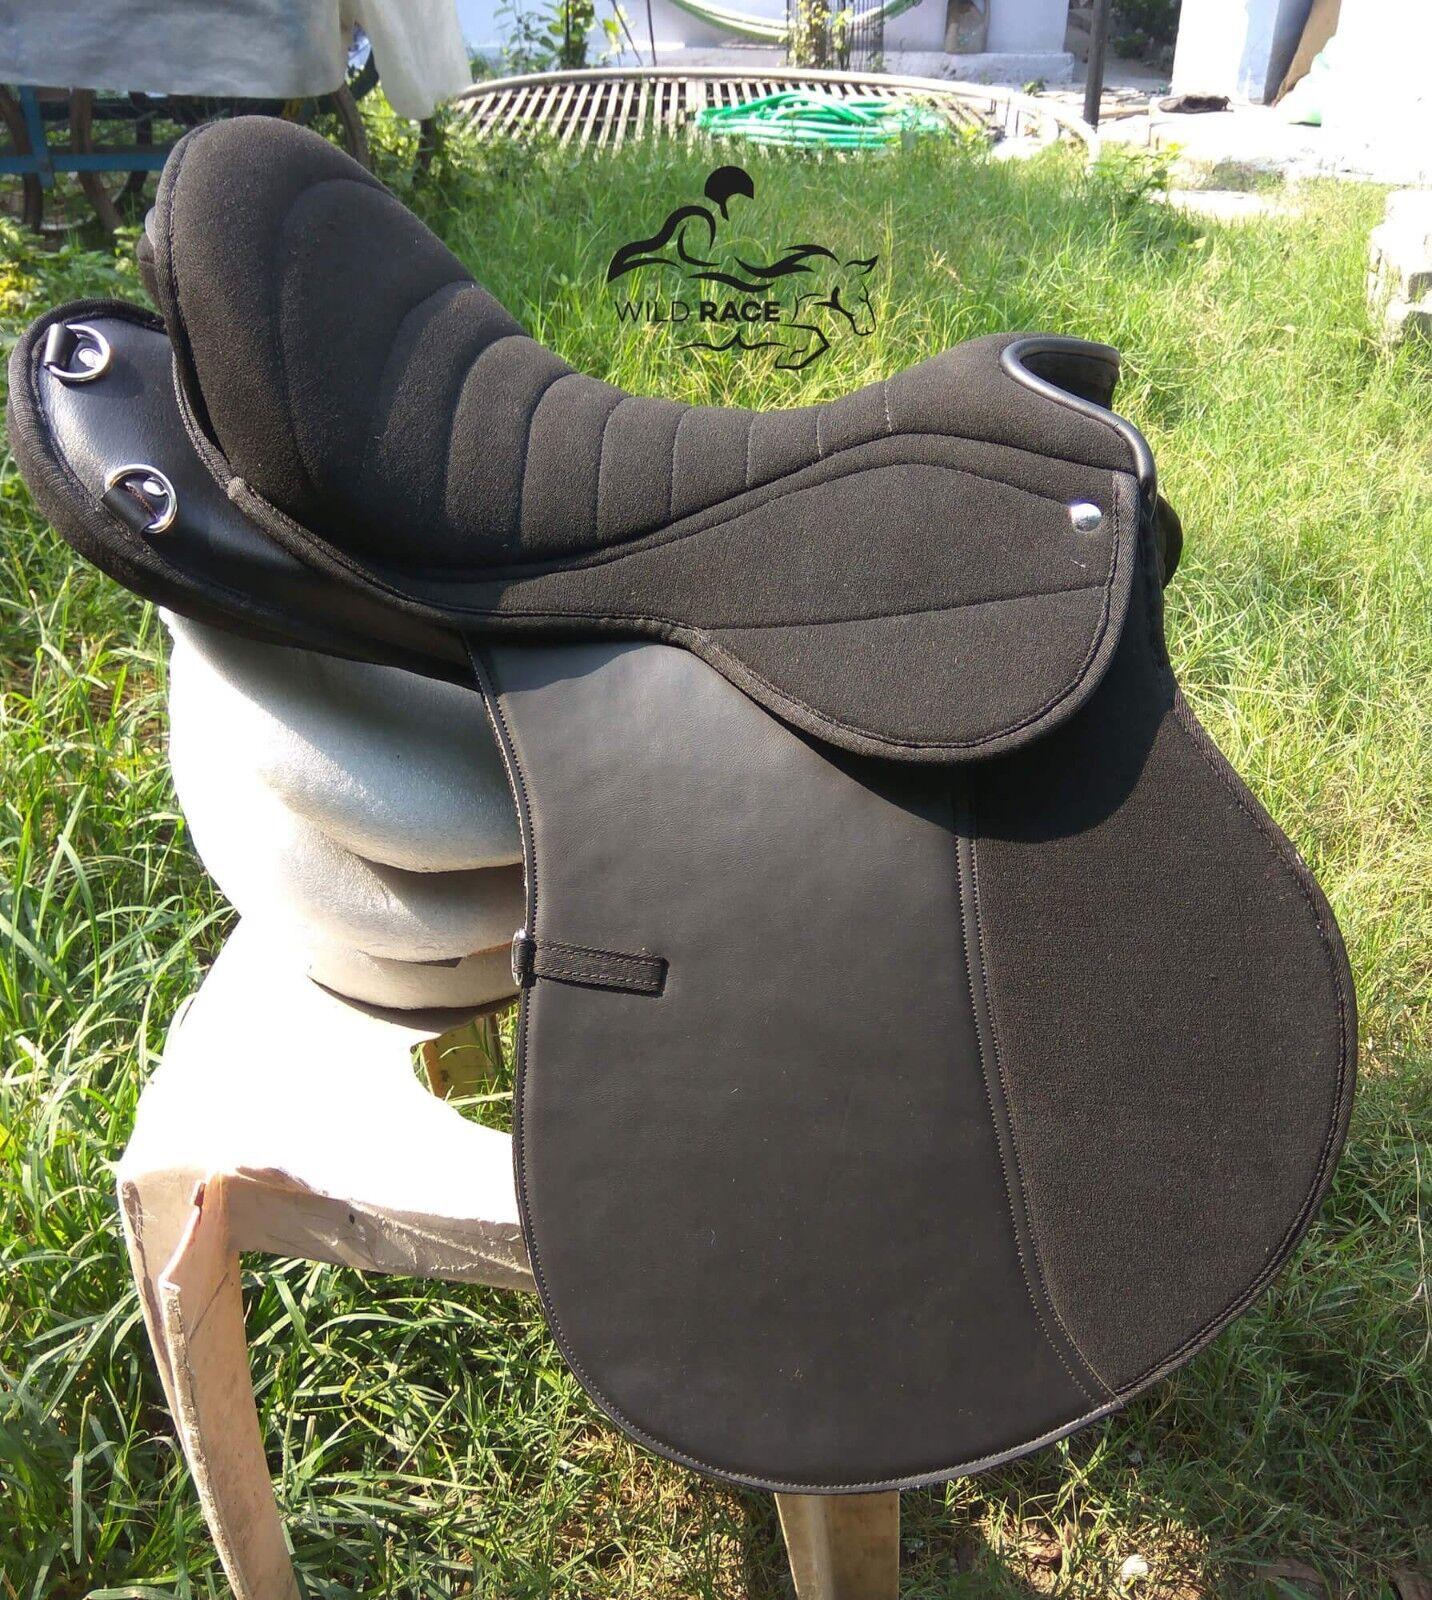 Silla de montar resistencia Negro de Cuero Sintético silla silla De Salto